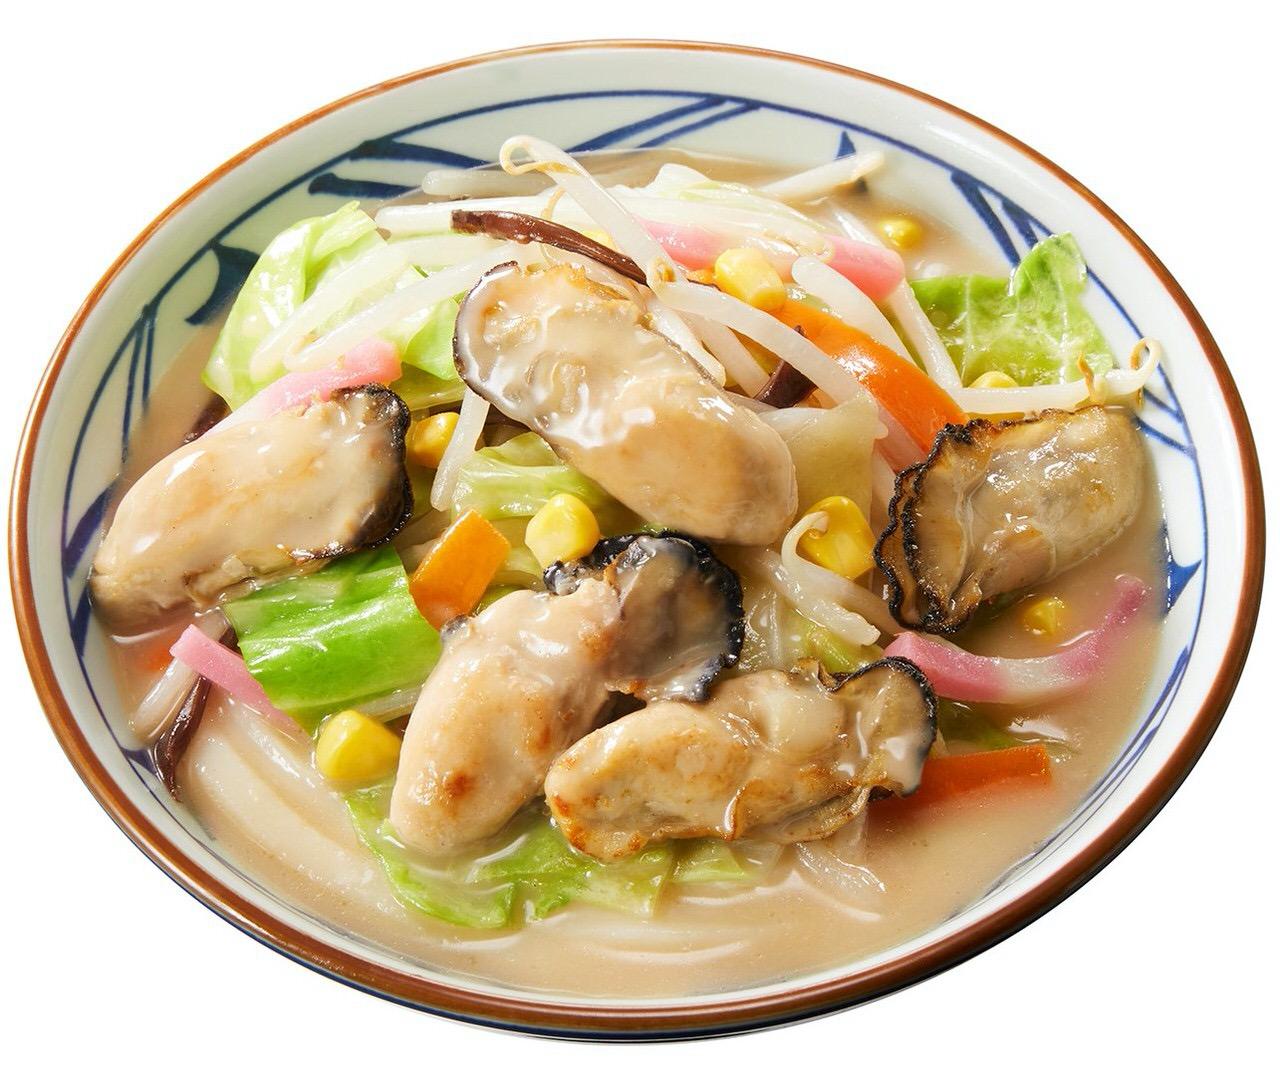 【丸亀製麺】広島県産浜ゆで牡蠣の旨みがたっぷりの「牡蠣ちゃんぽんうどん」発売開始